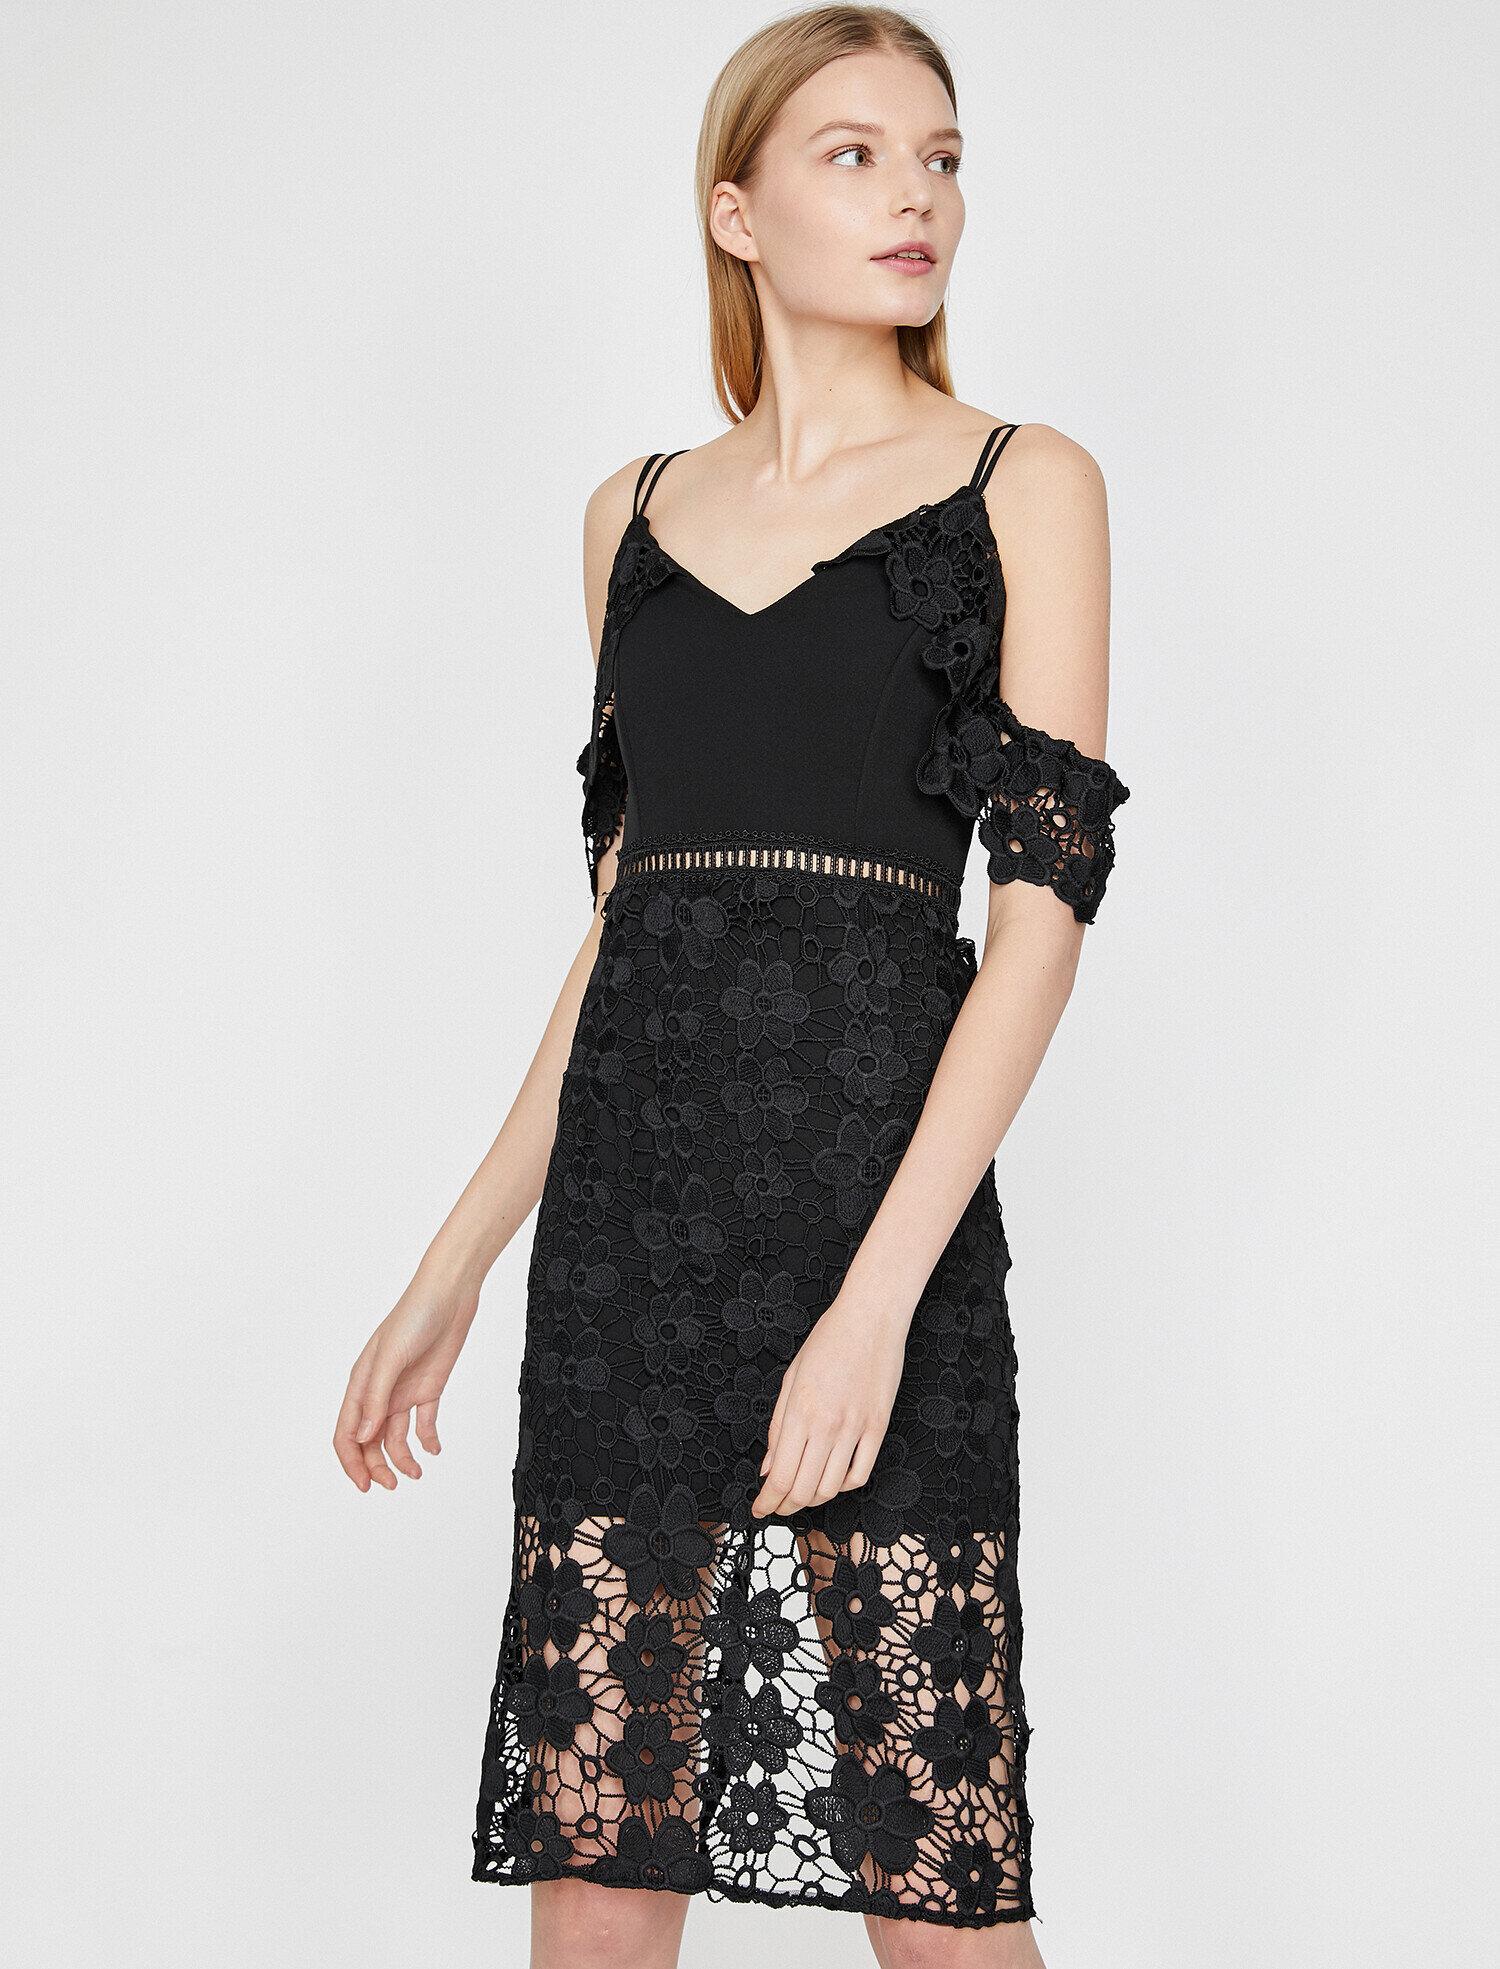 2e25814cef18f Siyah Bayan Dantel Detaylı Elbise 9YAK84692FK999 | Koton